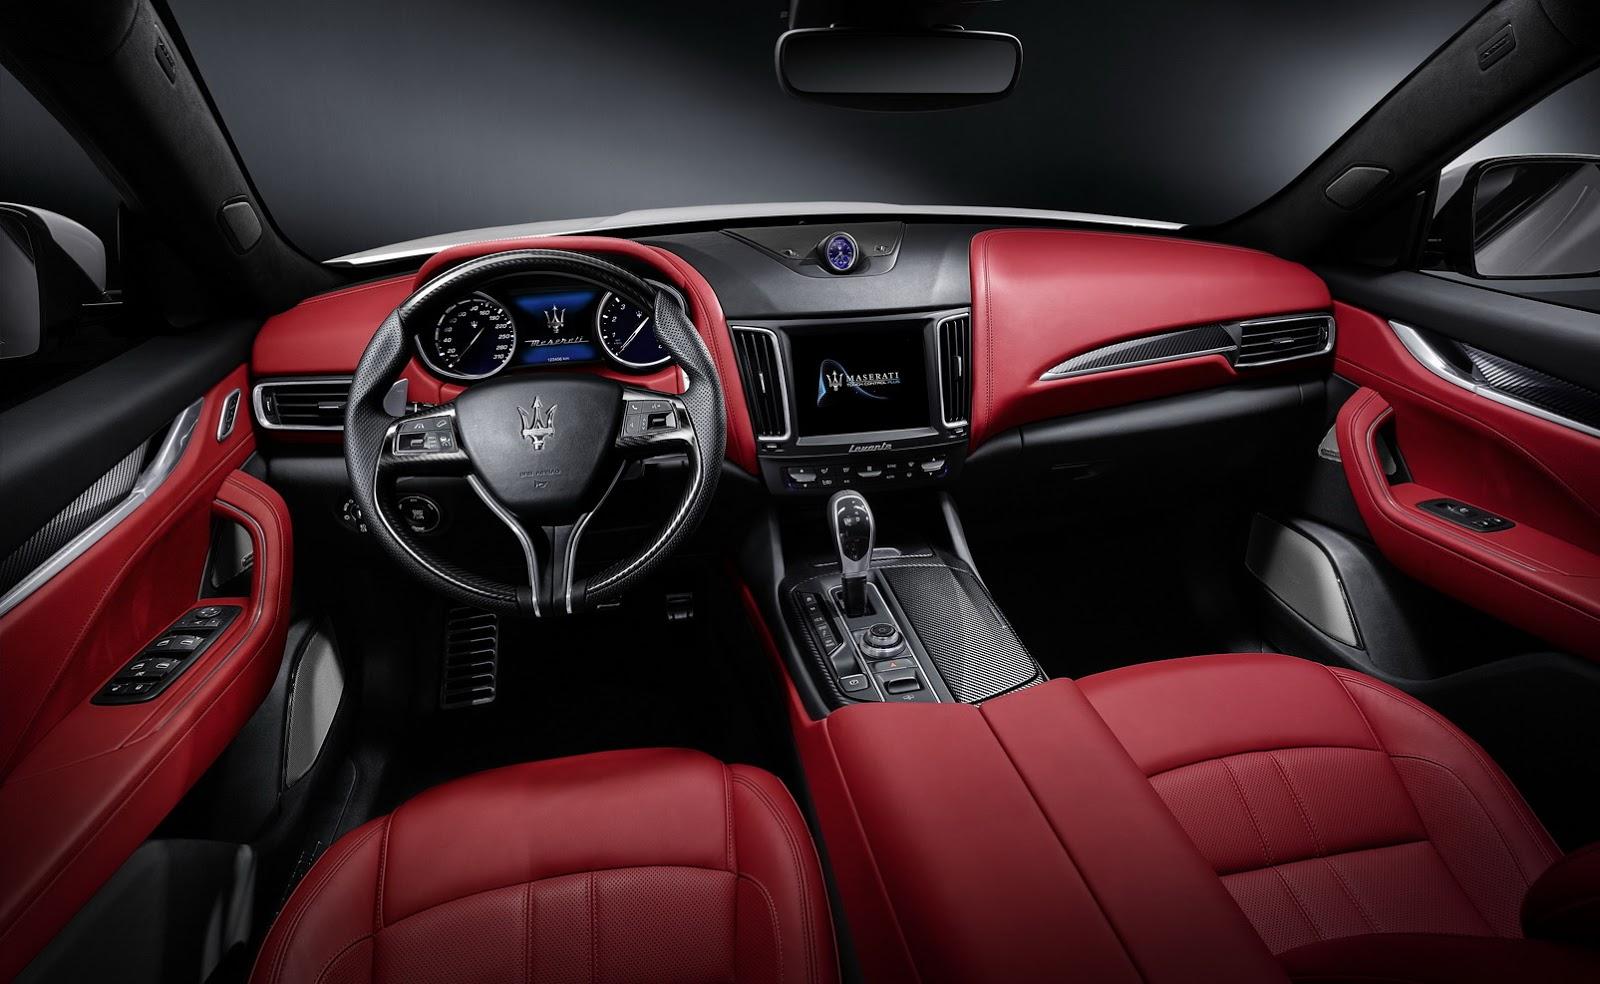 ¿Quieres saber cuánto costará el nuevo SUV Maserati Levante? Necesitarás, al menos, 82.275 euros... 3